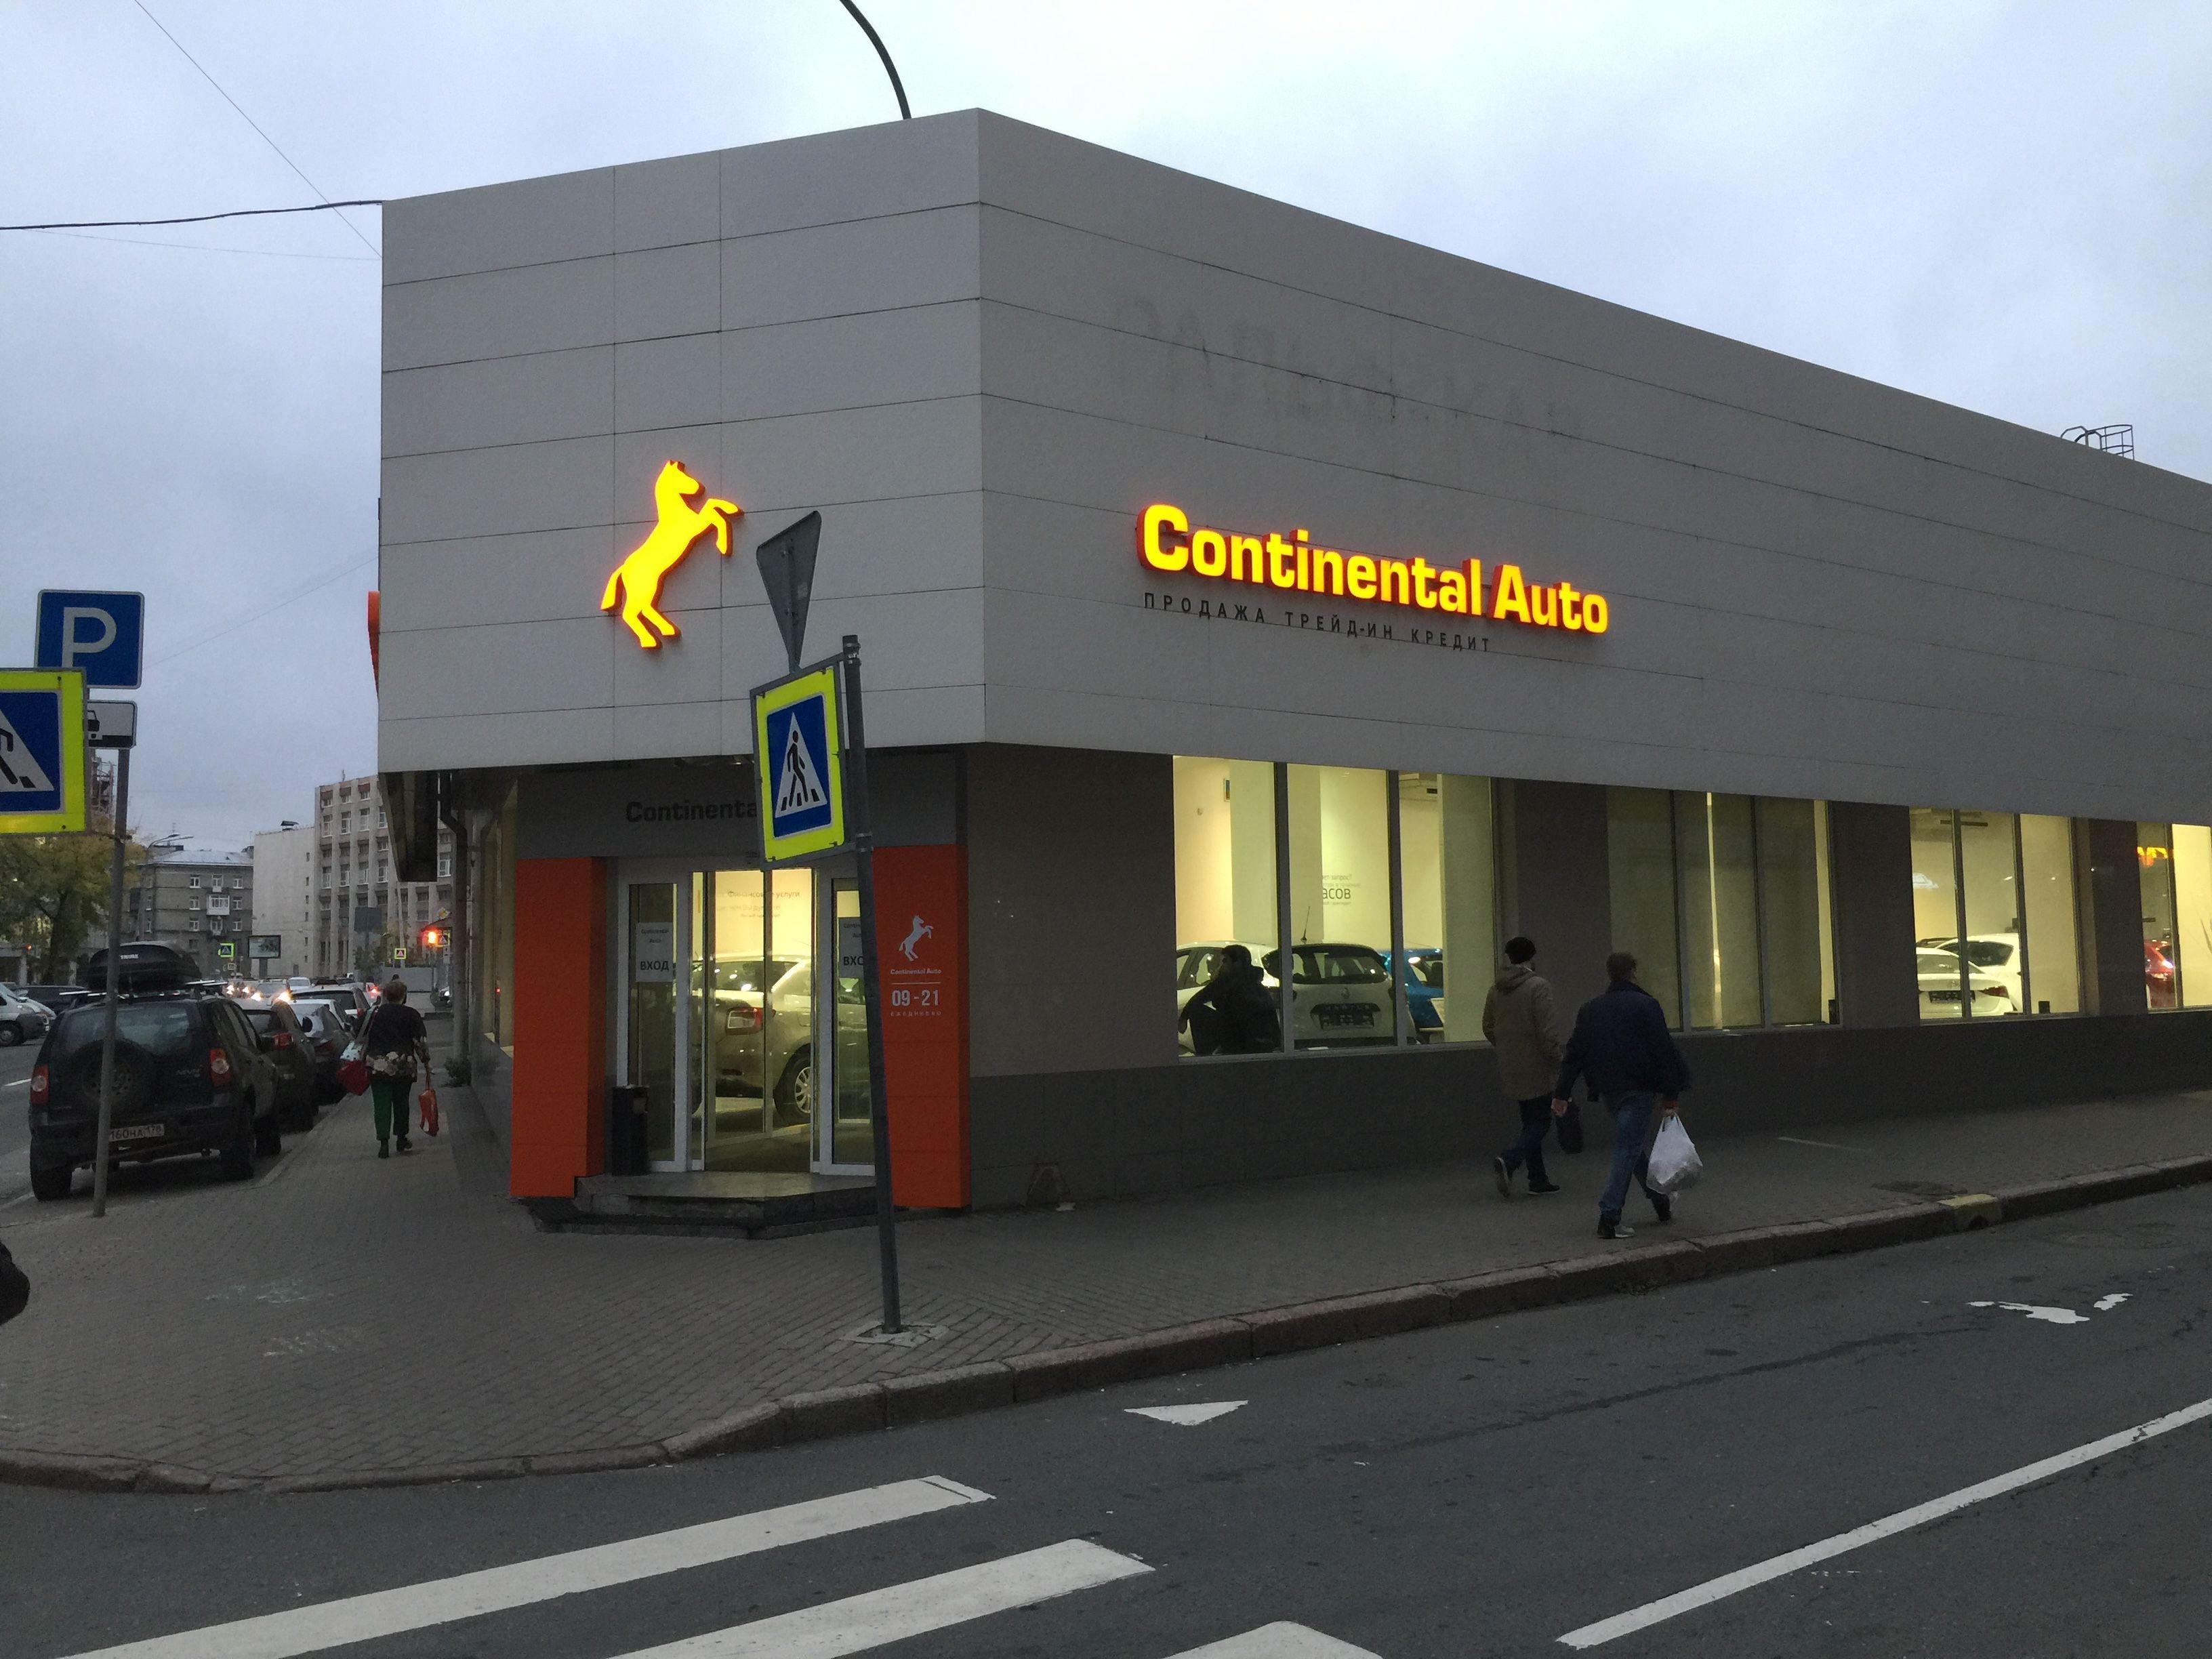 Объёмные световые буквы, дизайн, проектирование, автосалон, Continental Auto